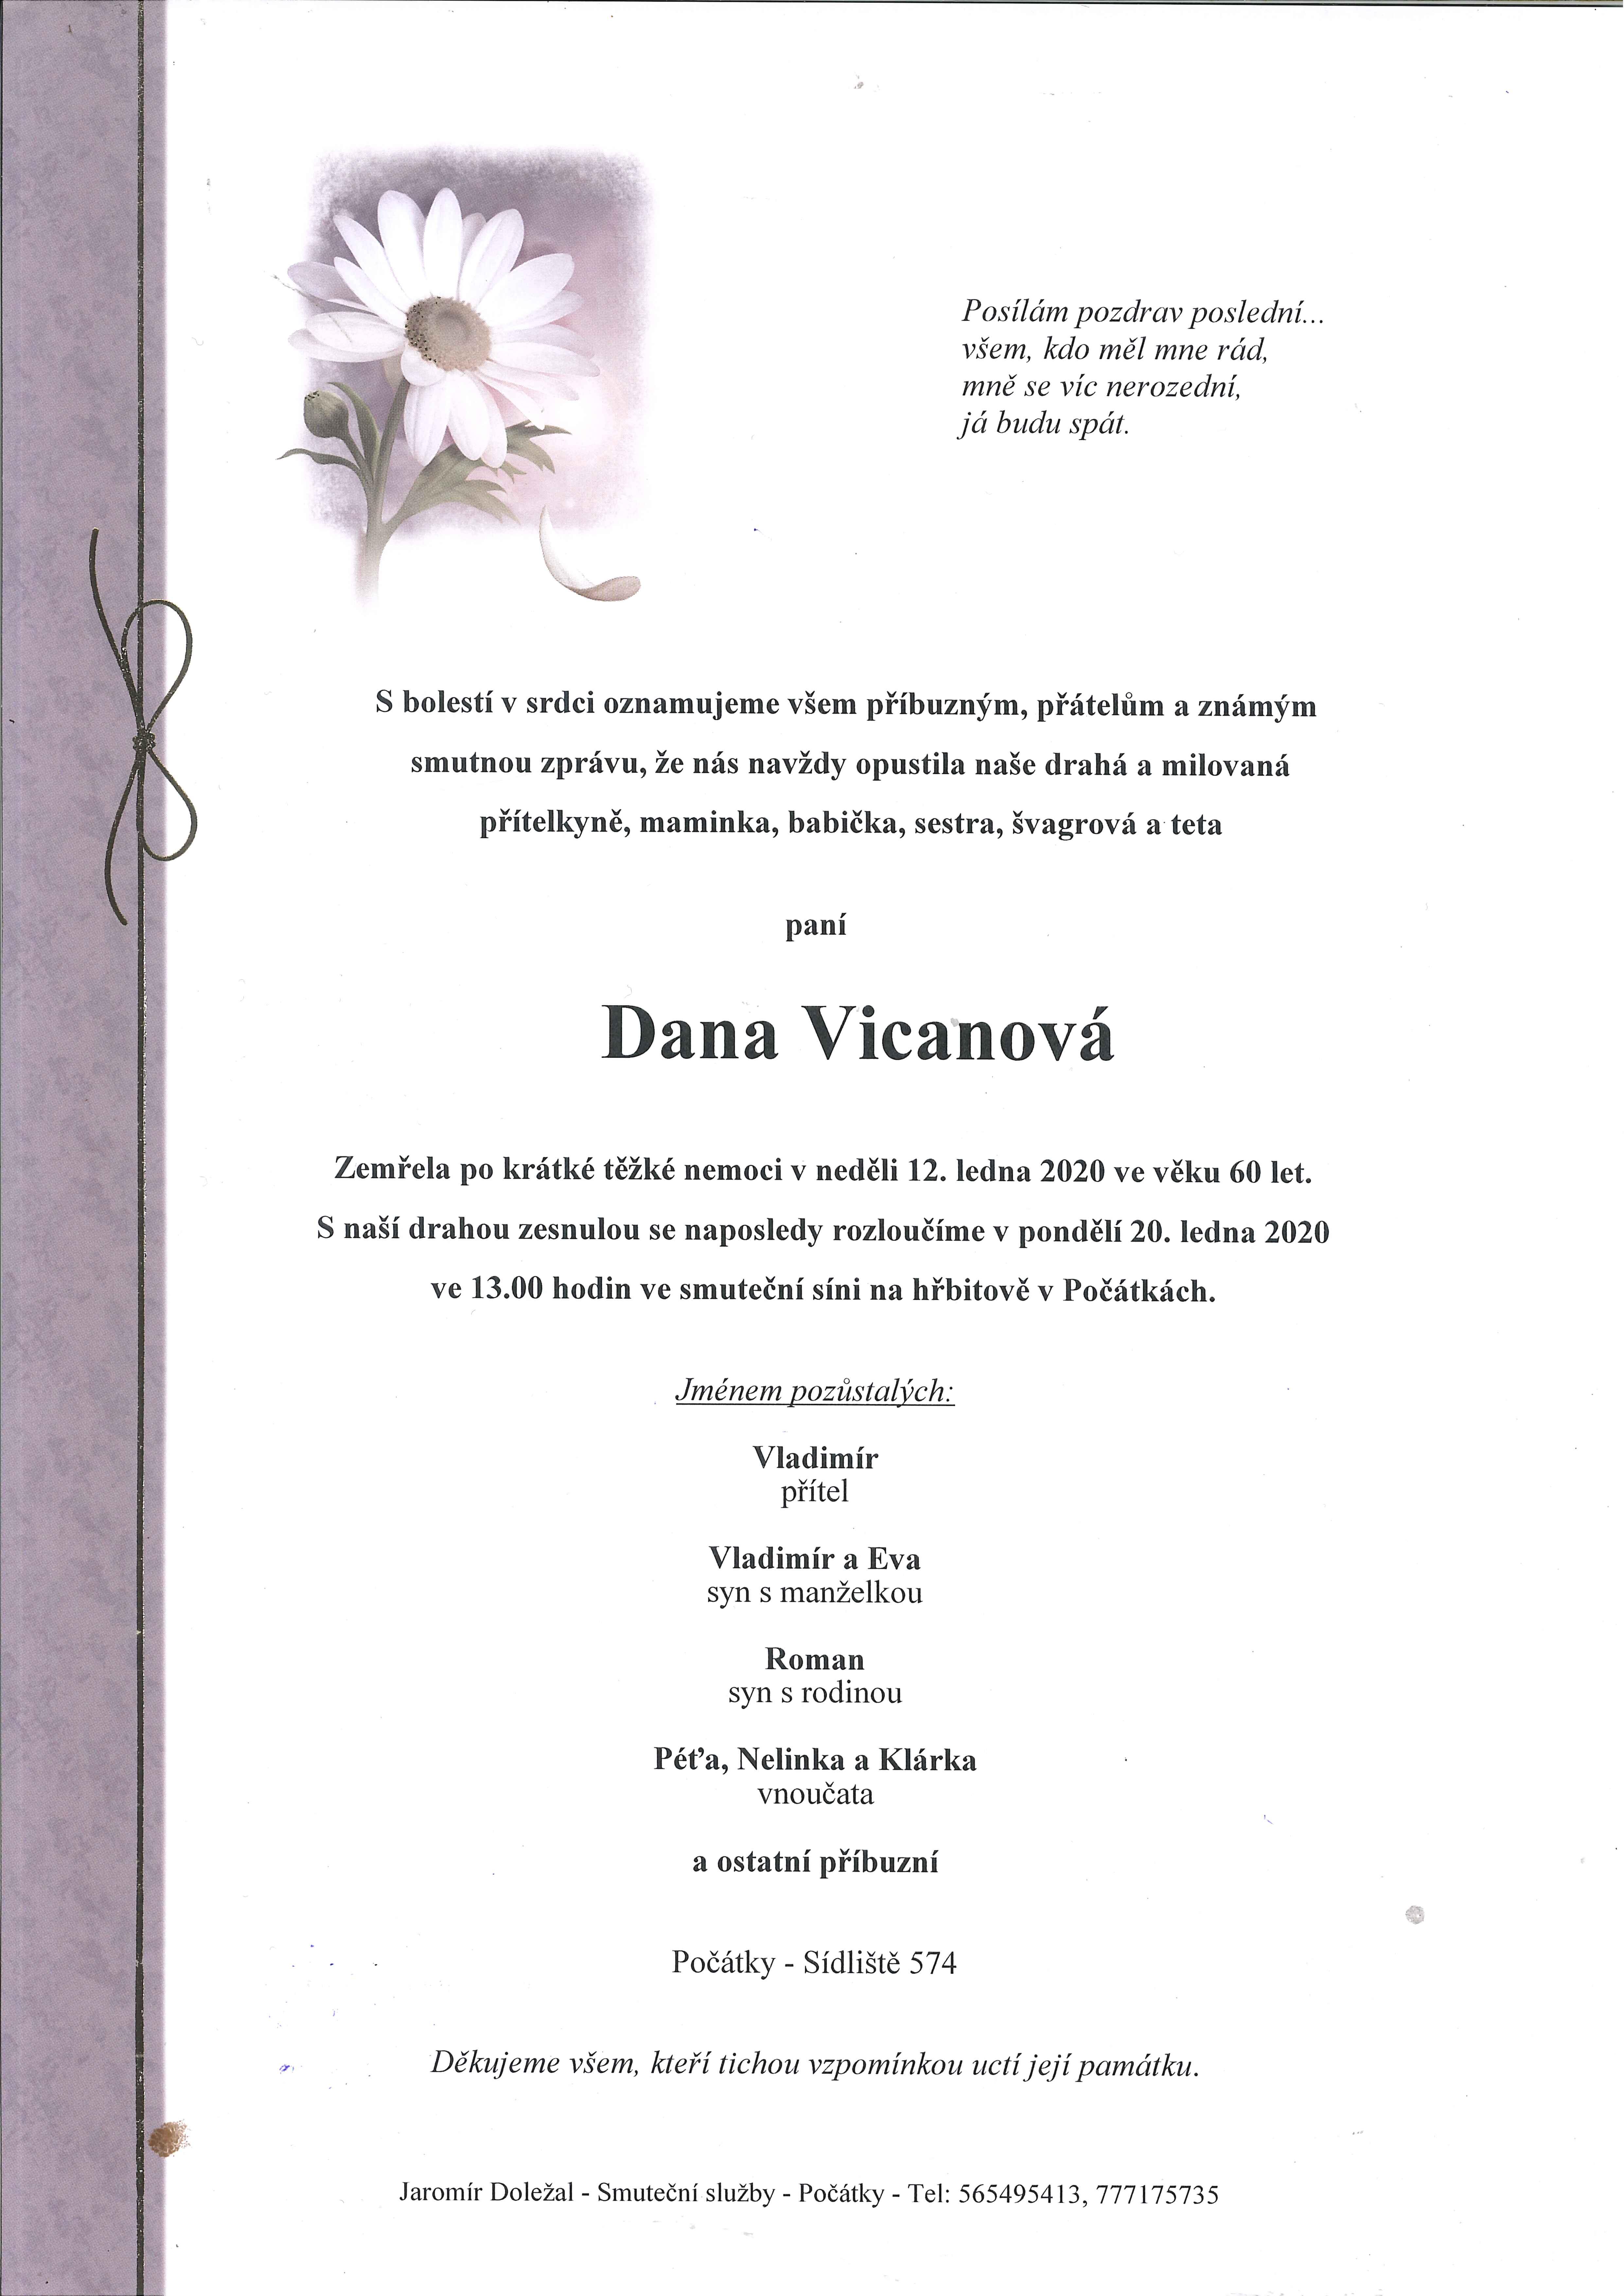 Dana Vicanová